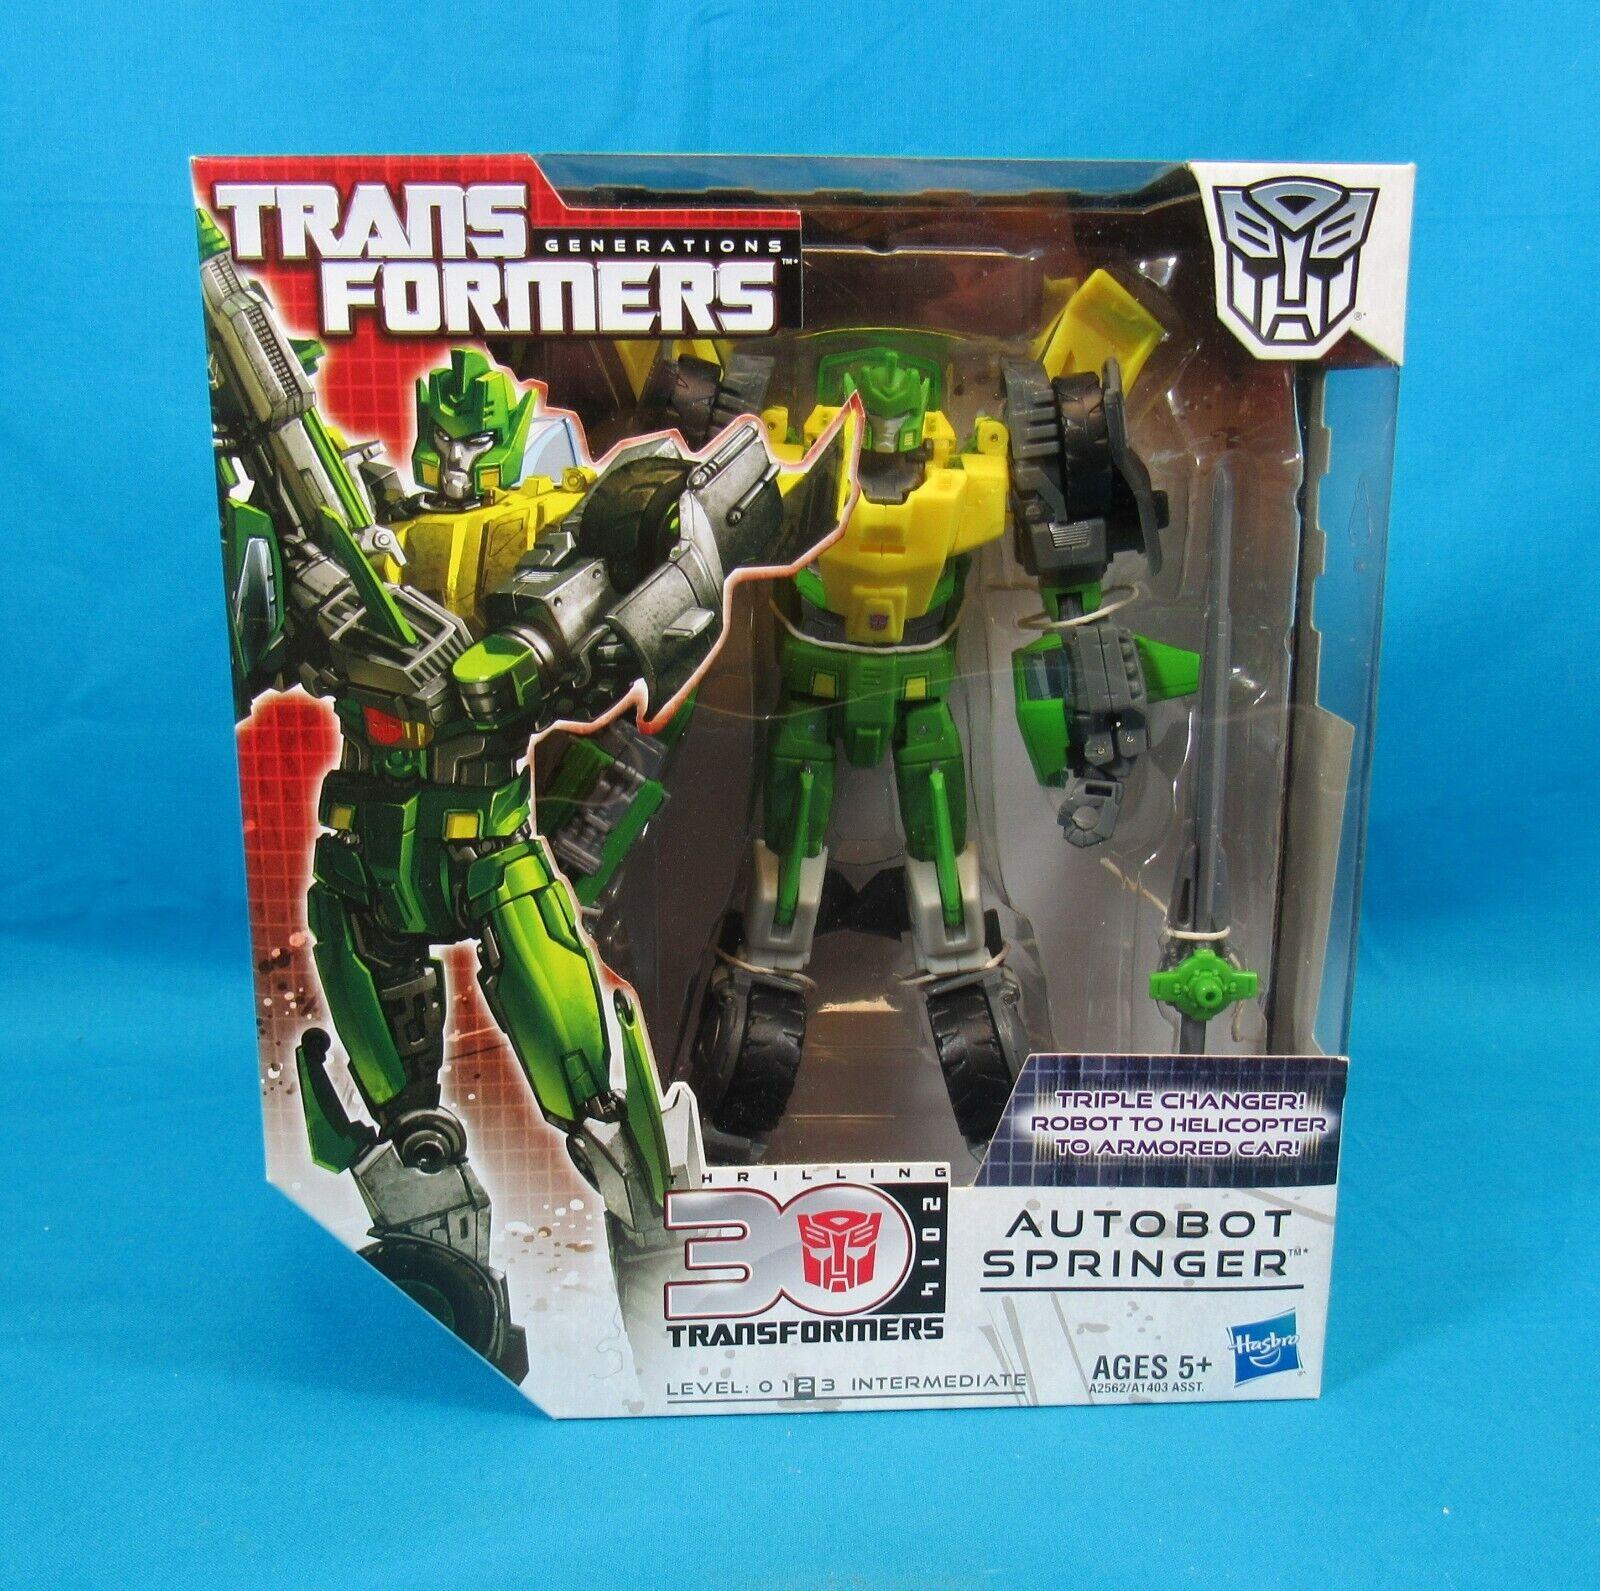 Hasbro Transformers Generations Thrilling 30 2014 Springer nuovo  in scatola Sealed  risparmia fino al 70%